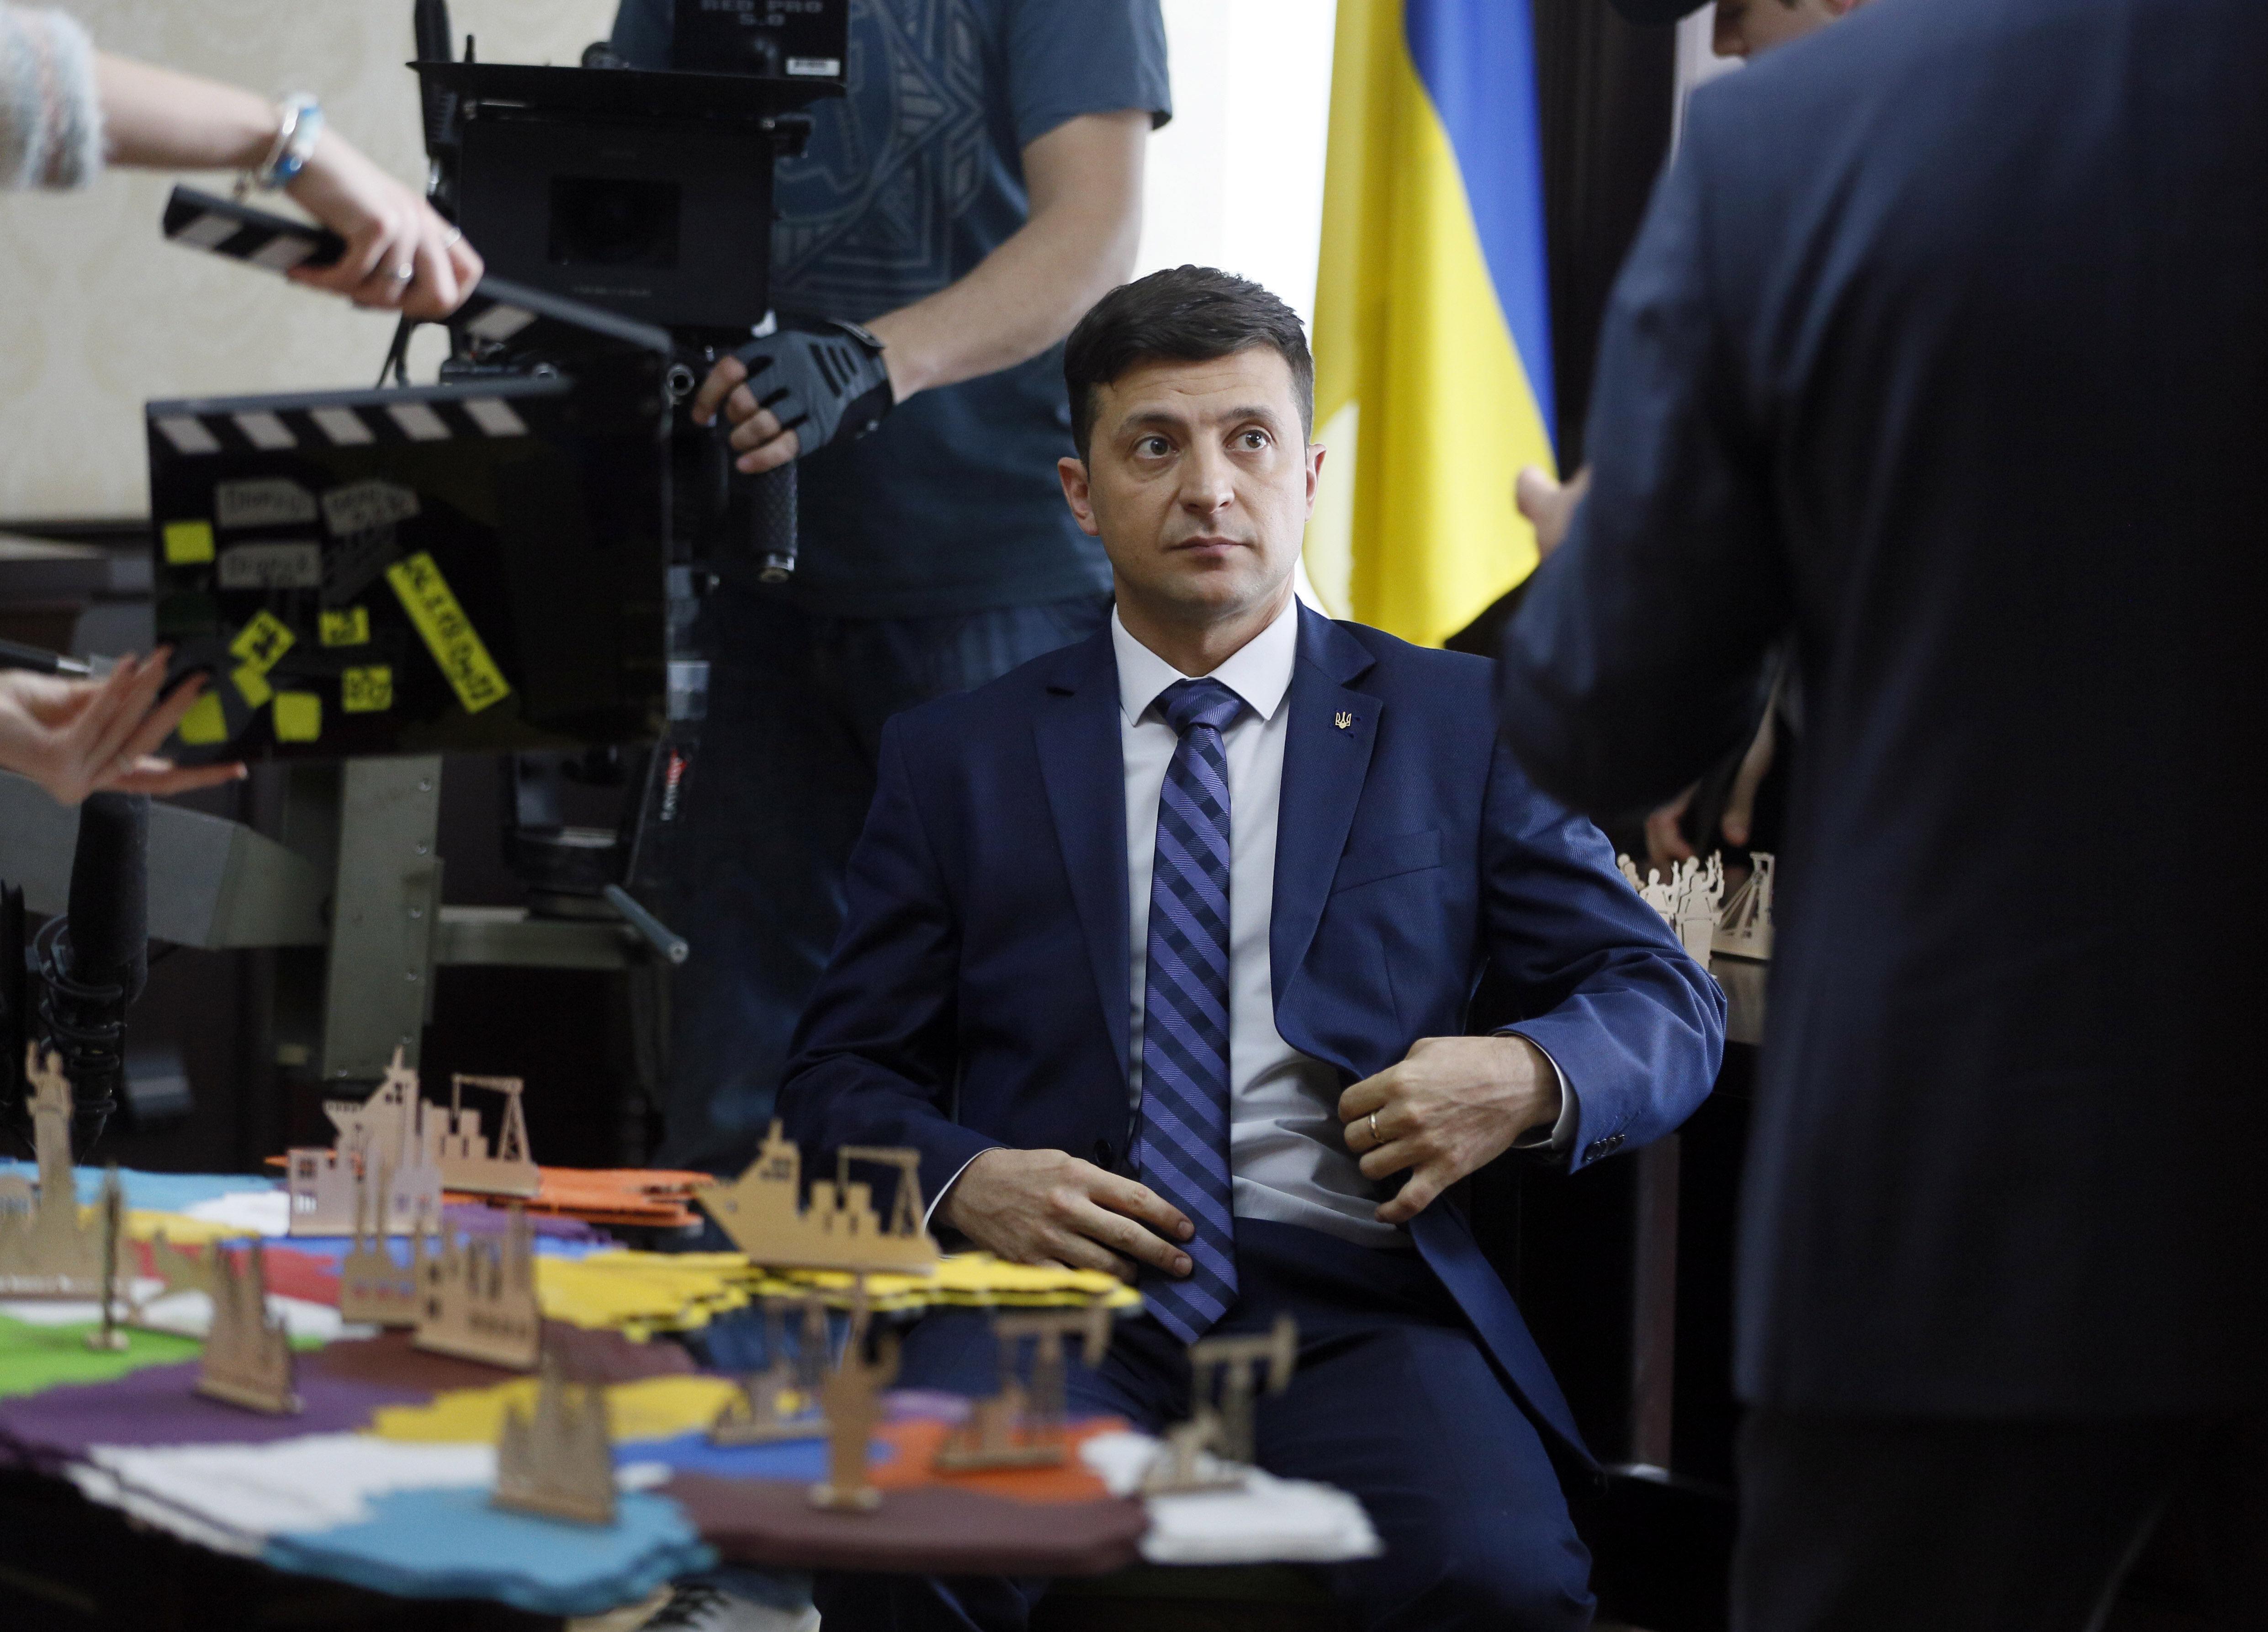 코미디언 출신 배우 볼로디미르 젤렌스키(41)가 21일 우크라이나 대통령에